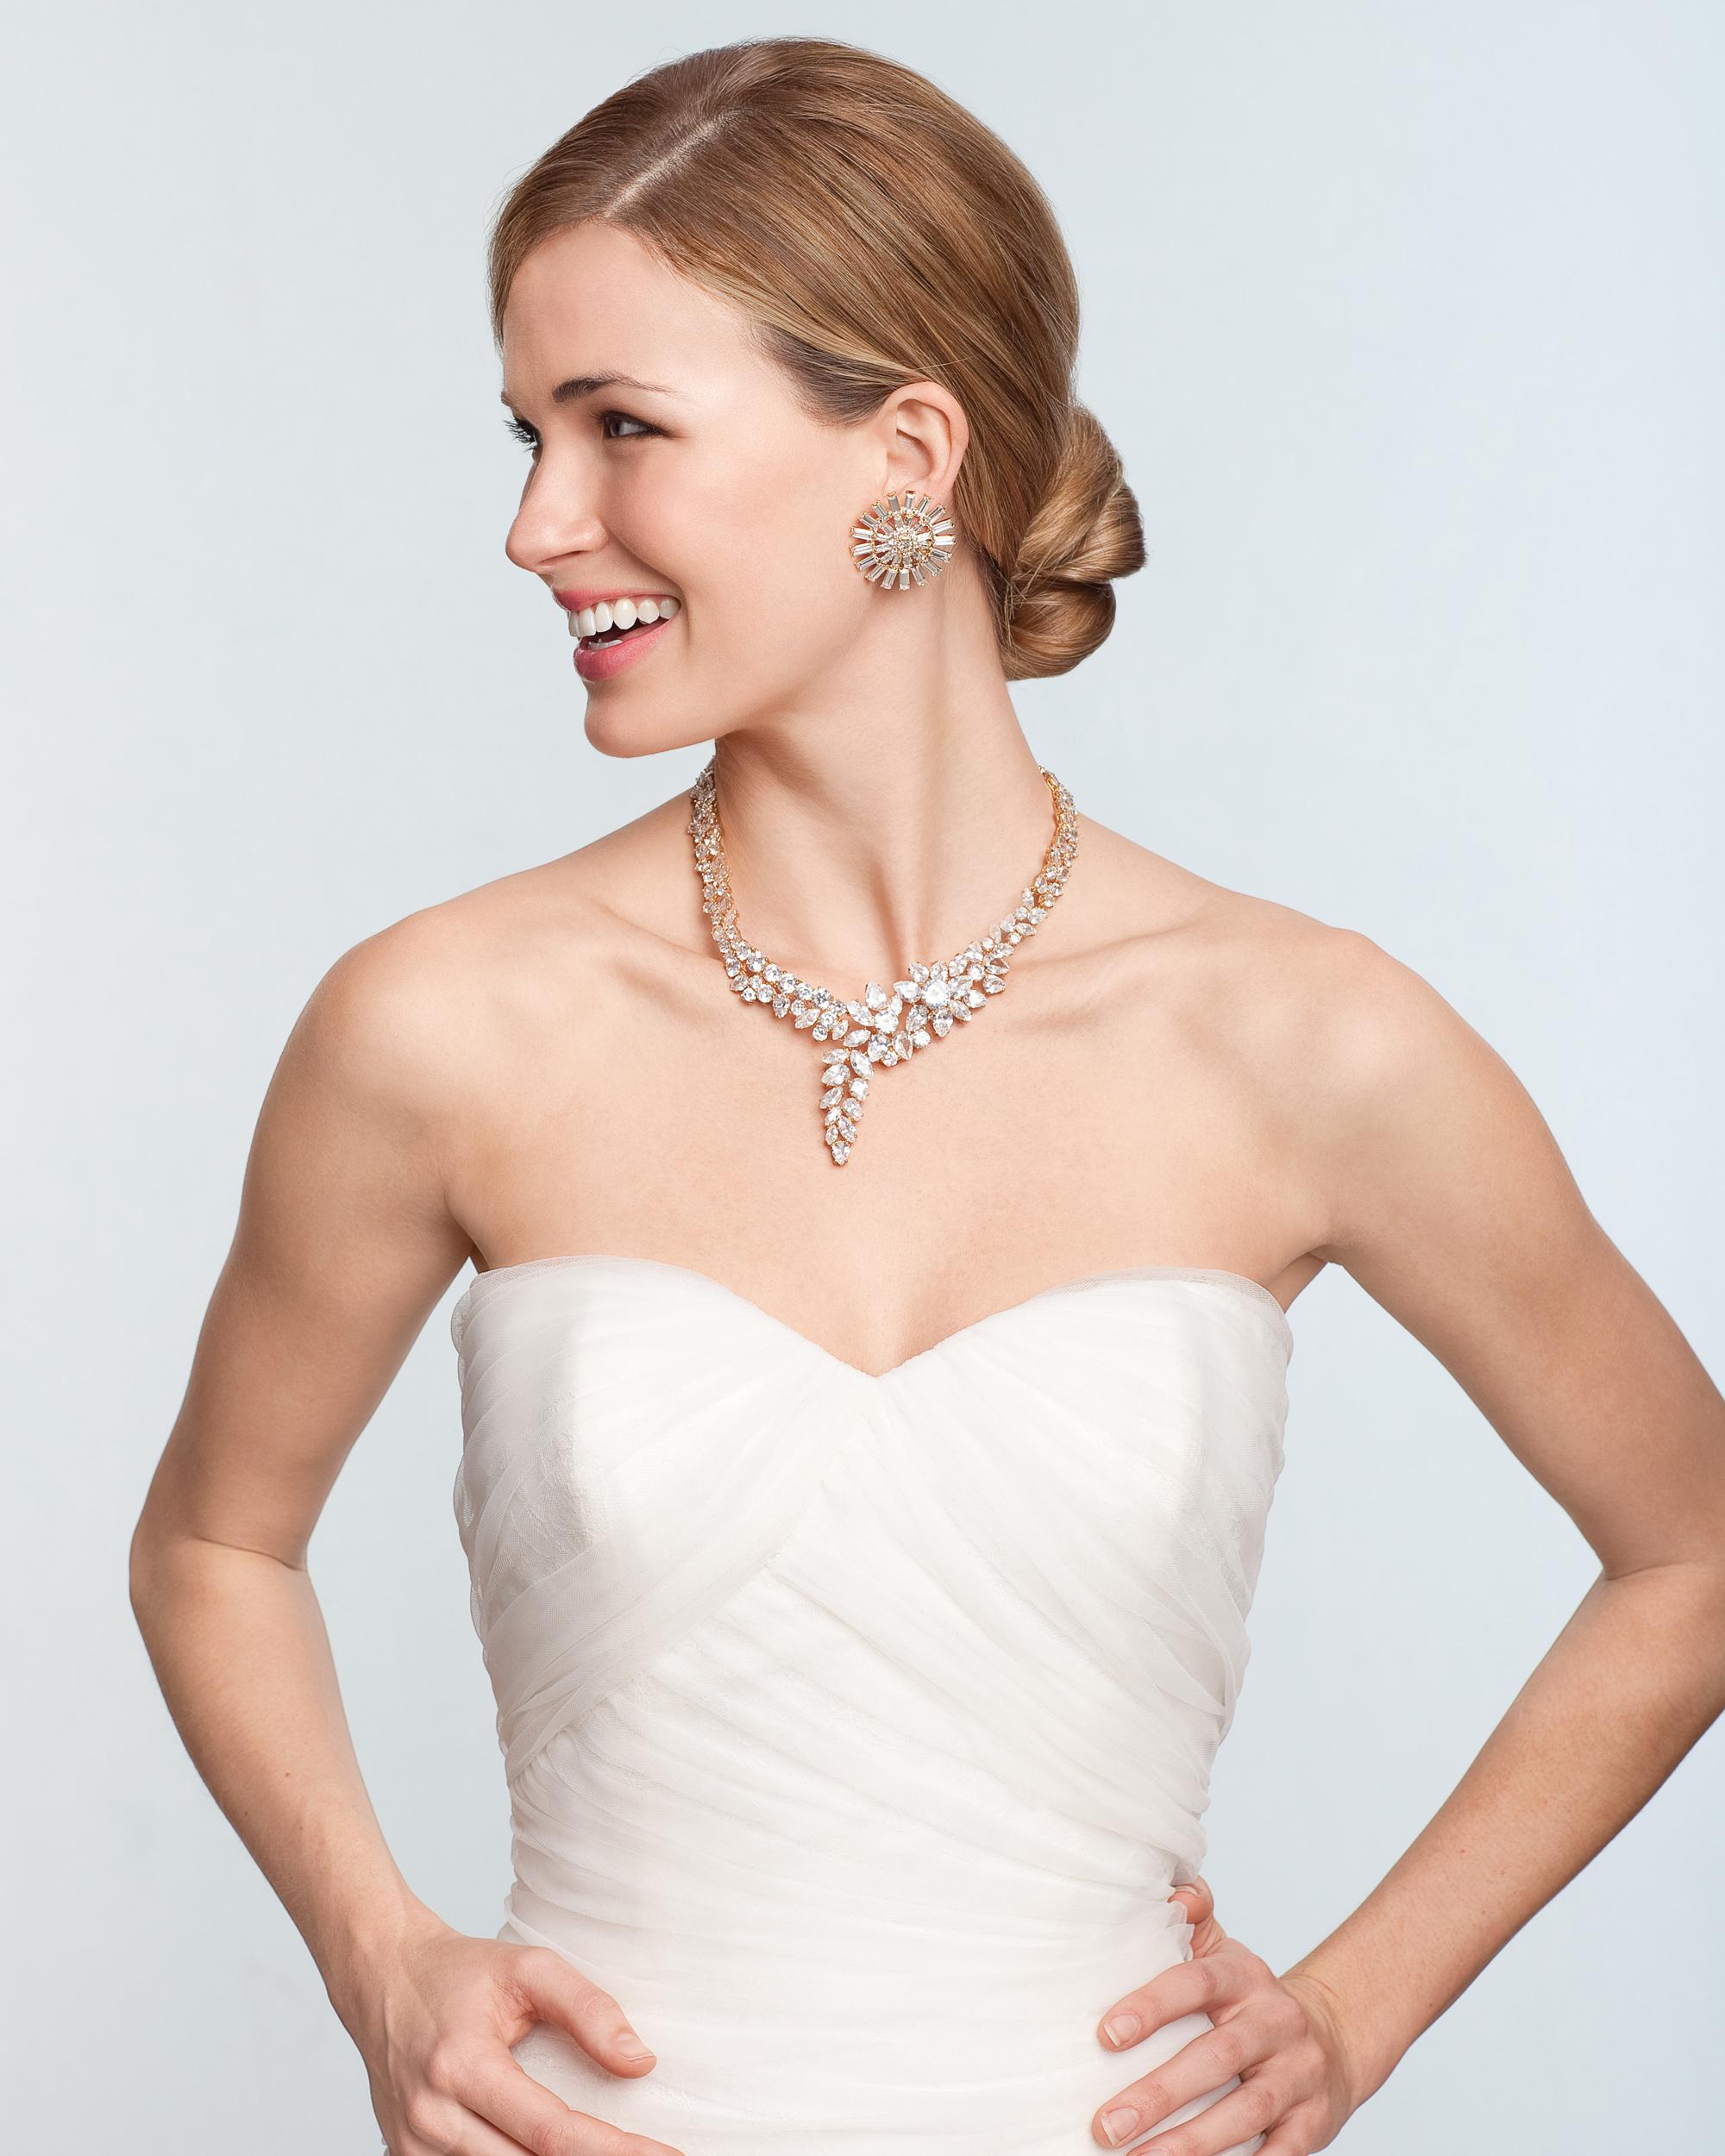 diamond-necklace-sum11md107038.jpg